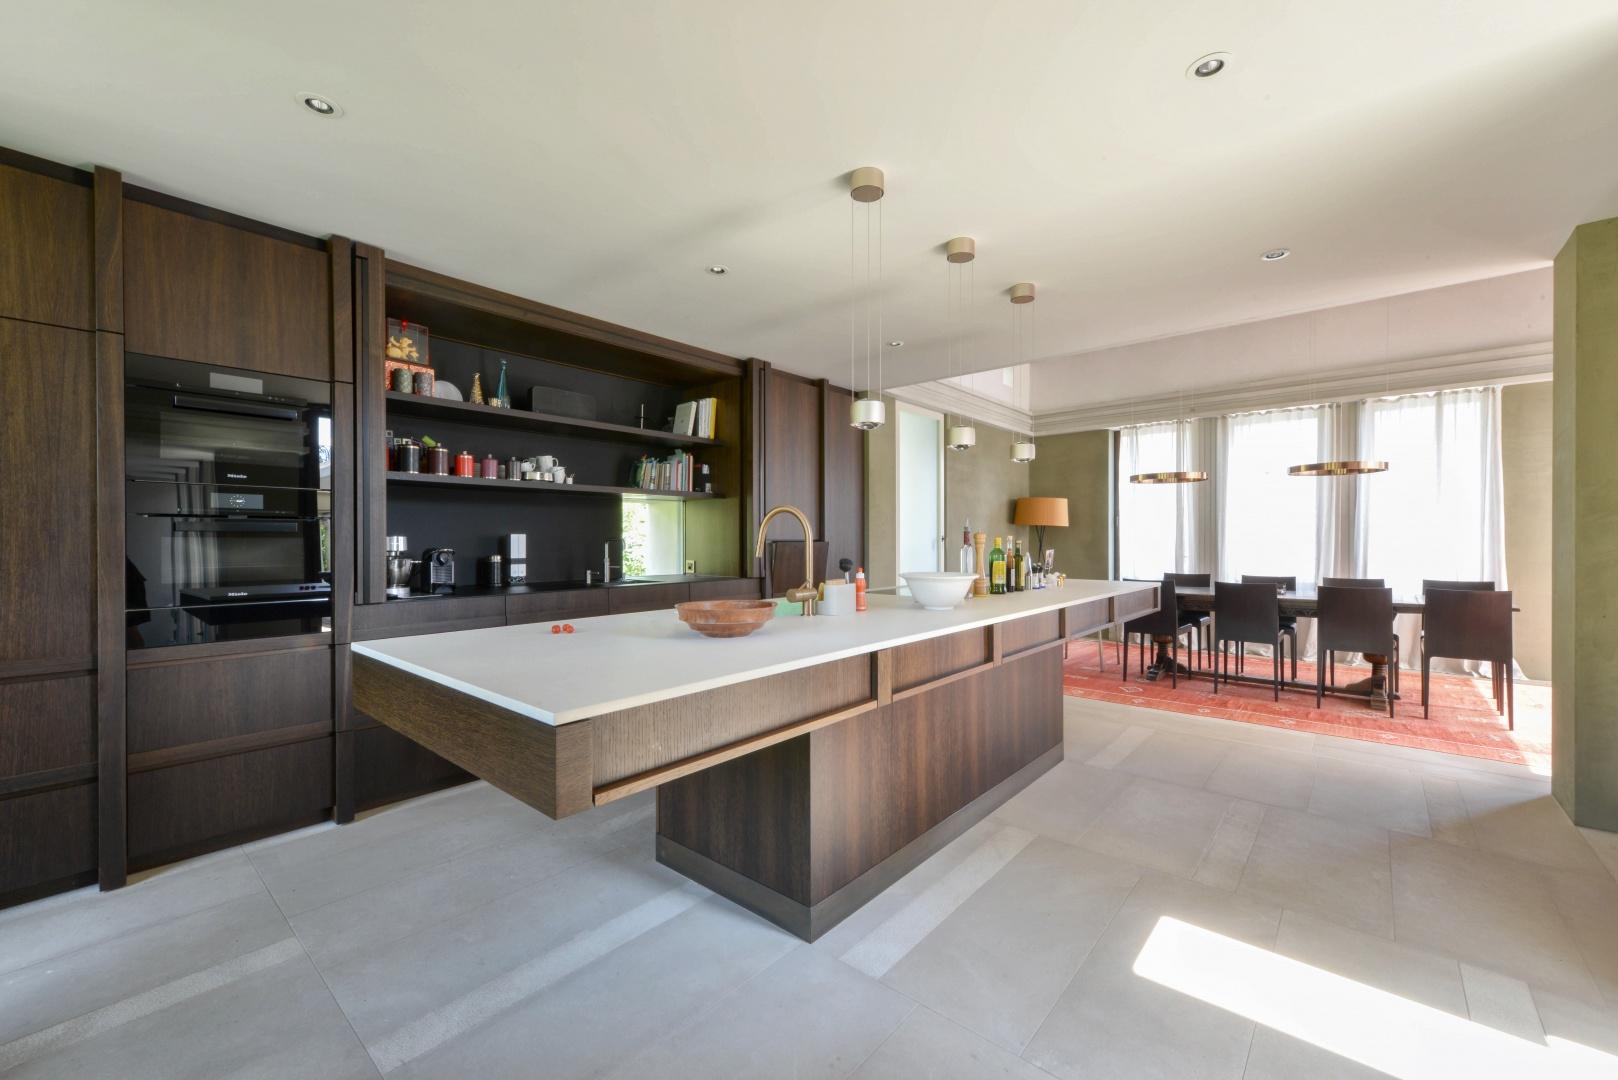 Neuinterpretation einer zeitgemässen Küche © DEON AG, Luzern 2018